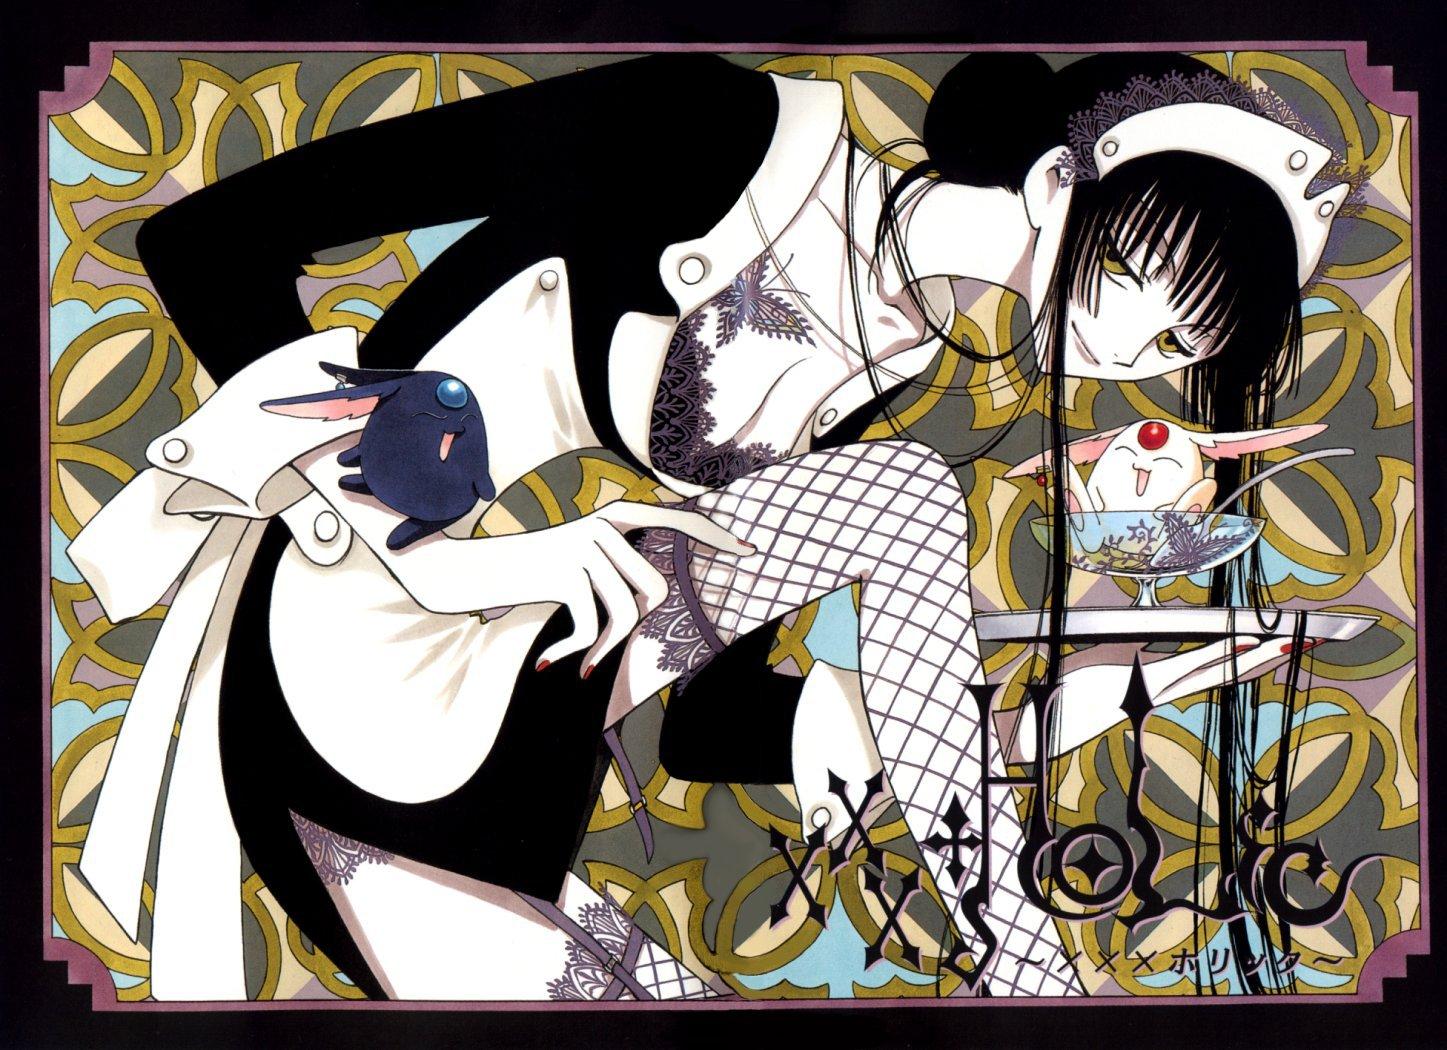 naruto manga volume 1 pdf download